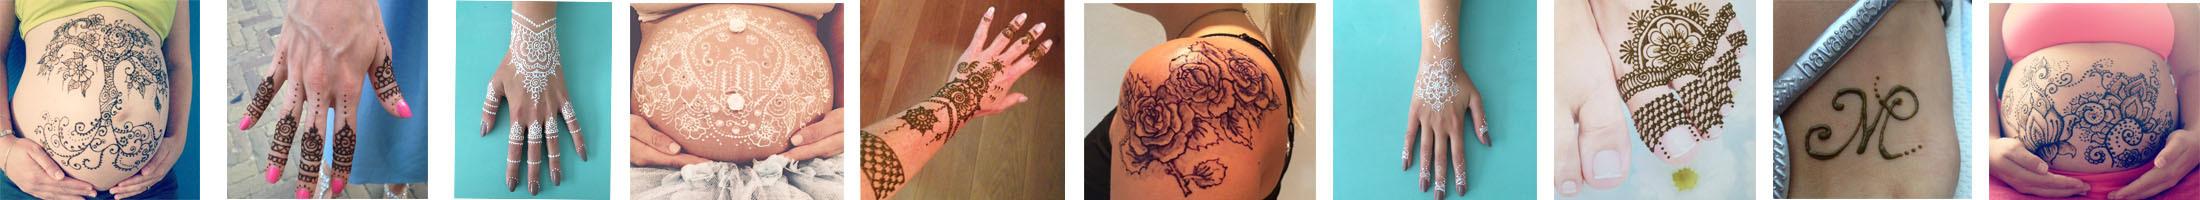 Wilt u ook een mooie henna/ jagua tattoo laten zetten? Dat kan bij Beaudeco!